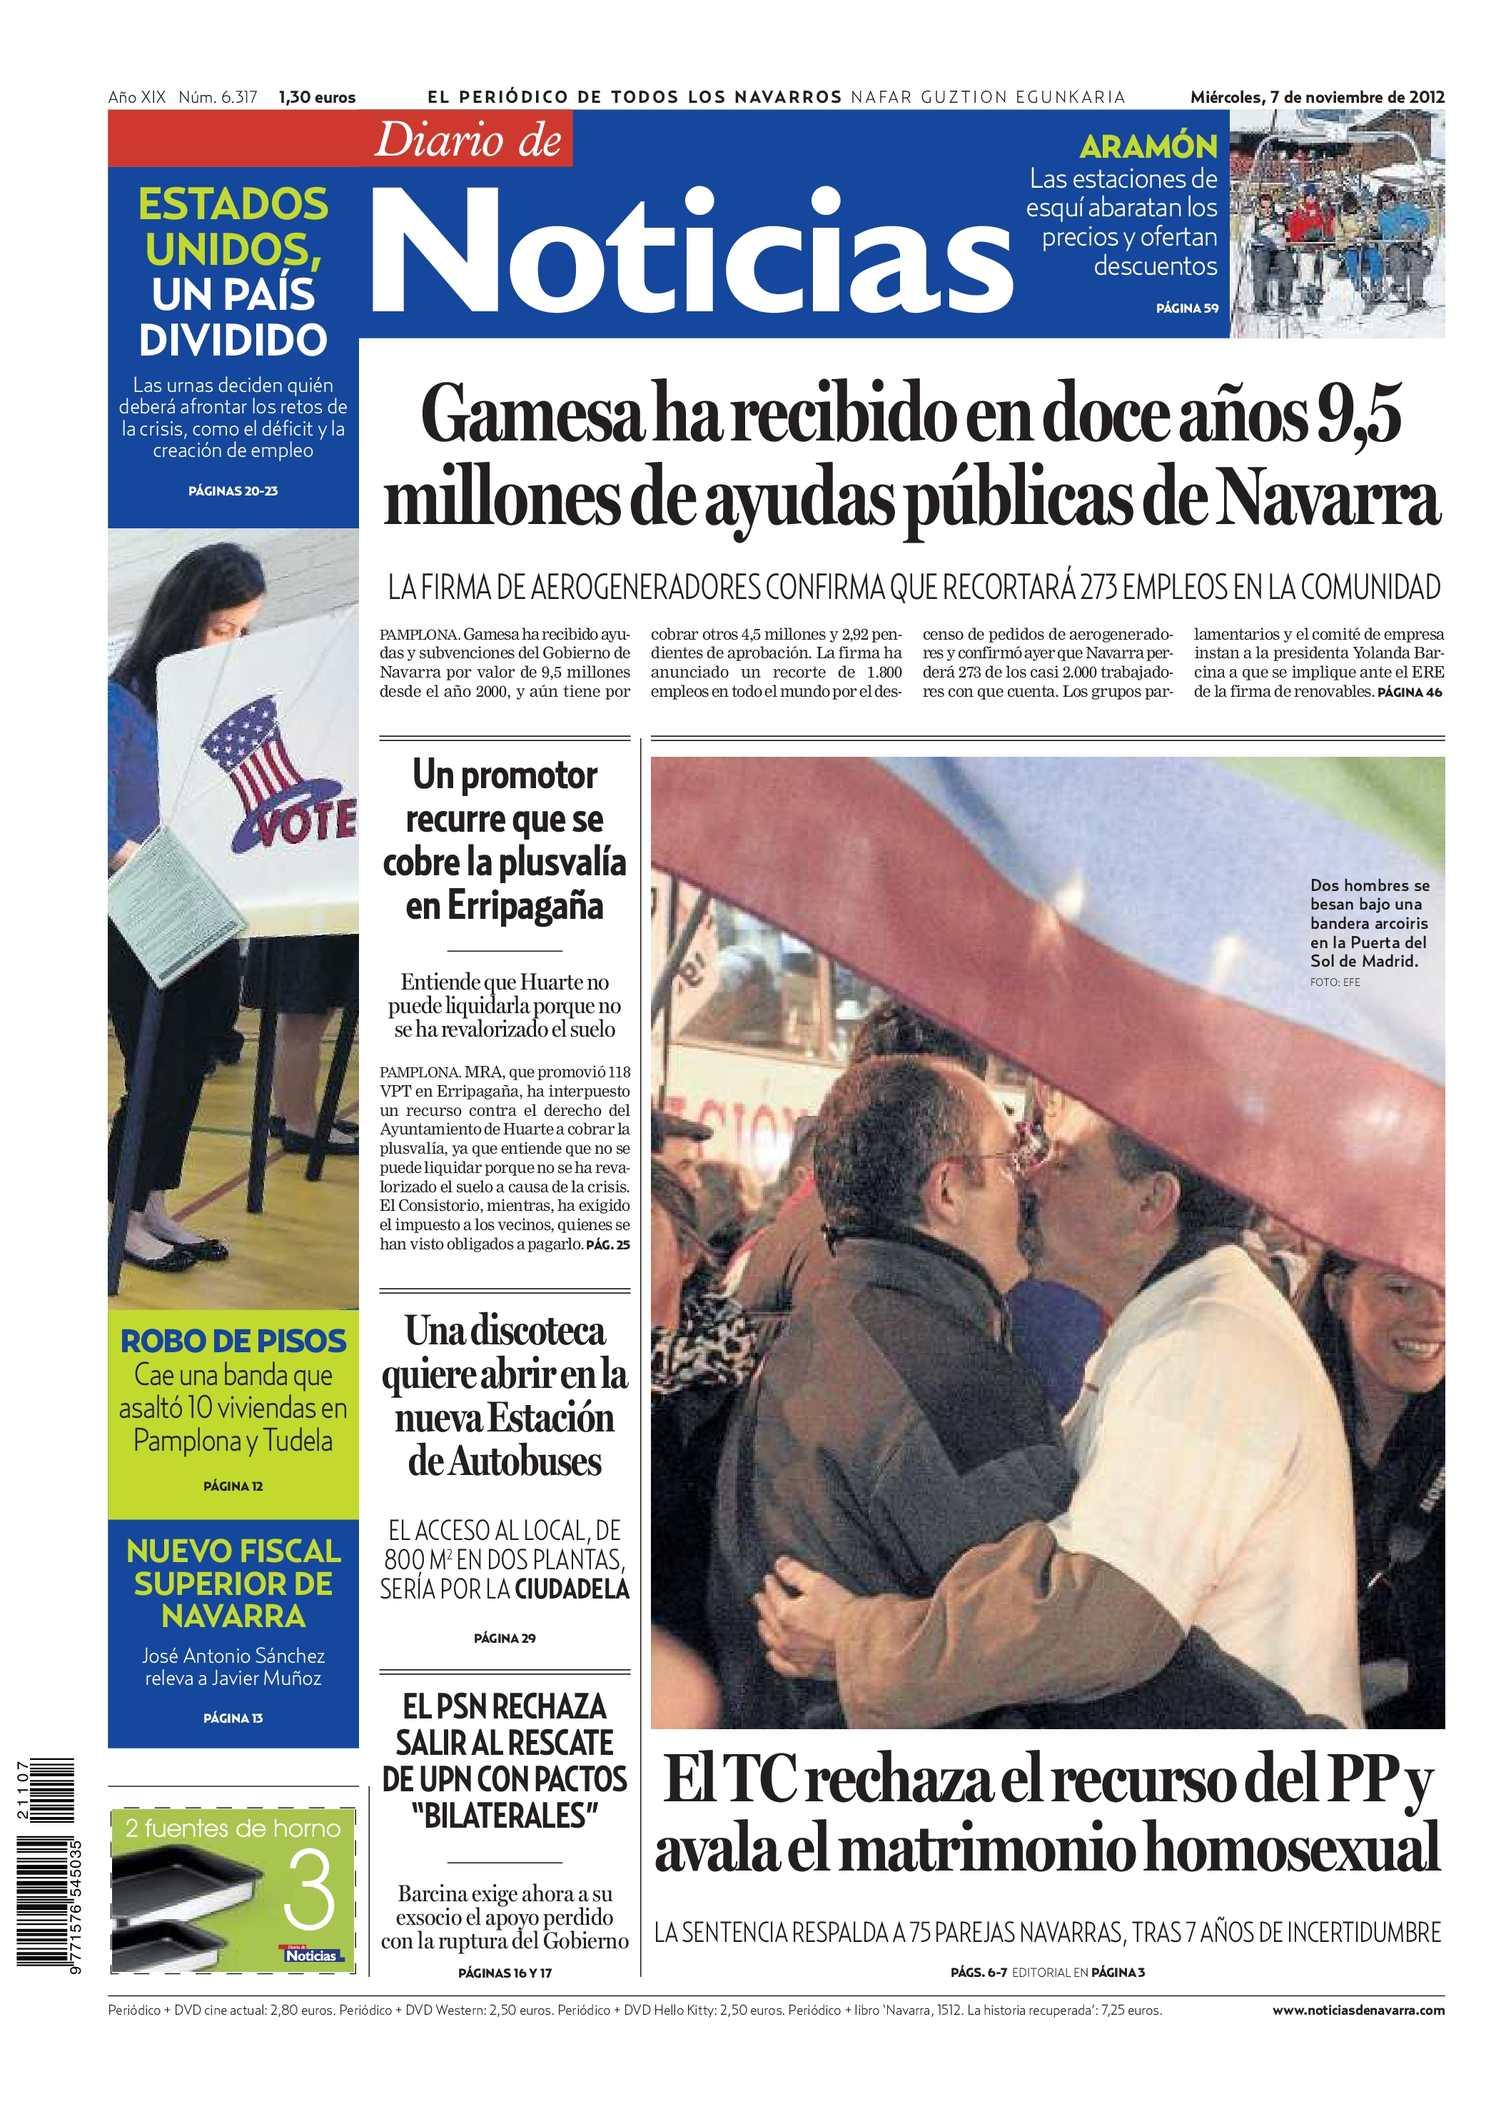 Calaméo - Diario de Noticias 20121107 90753e0d2de